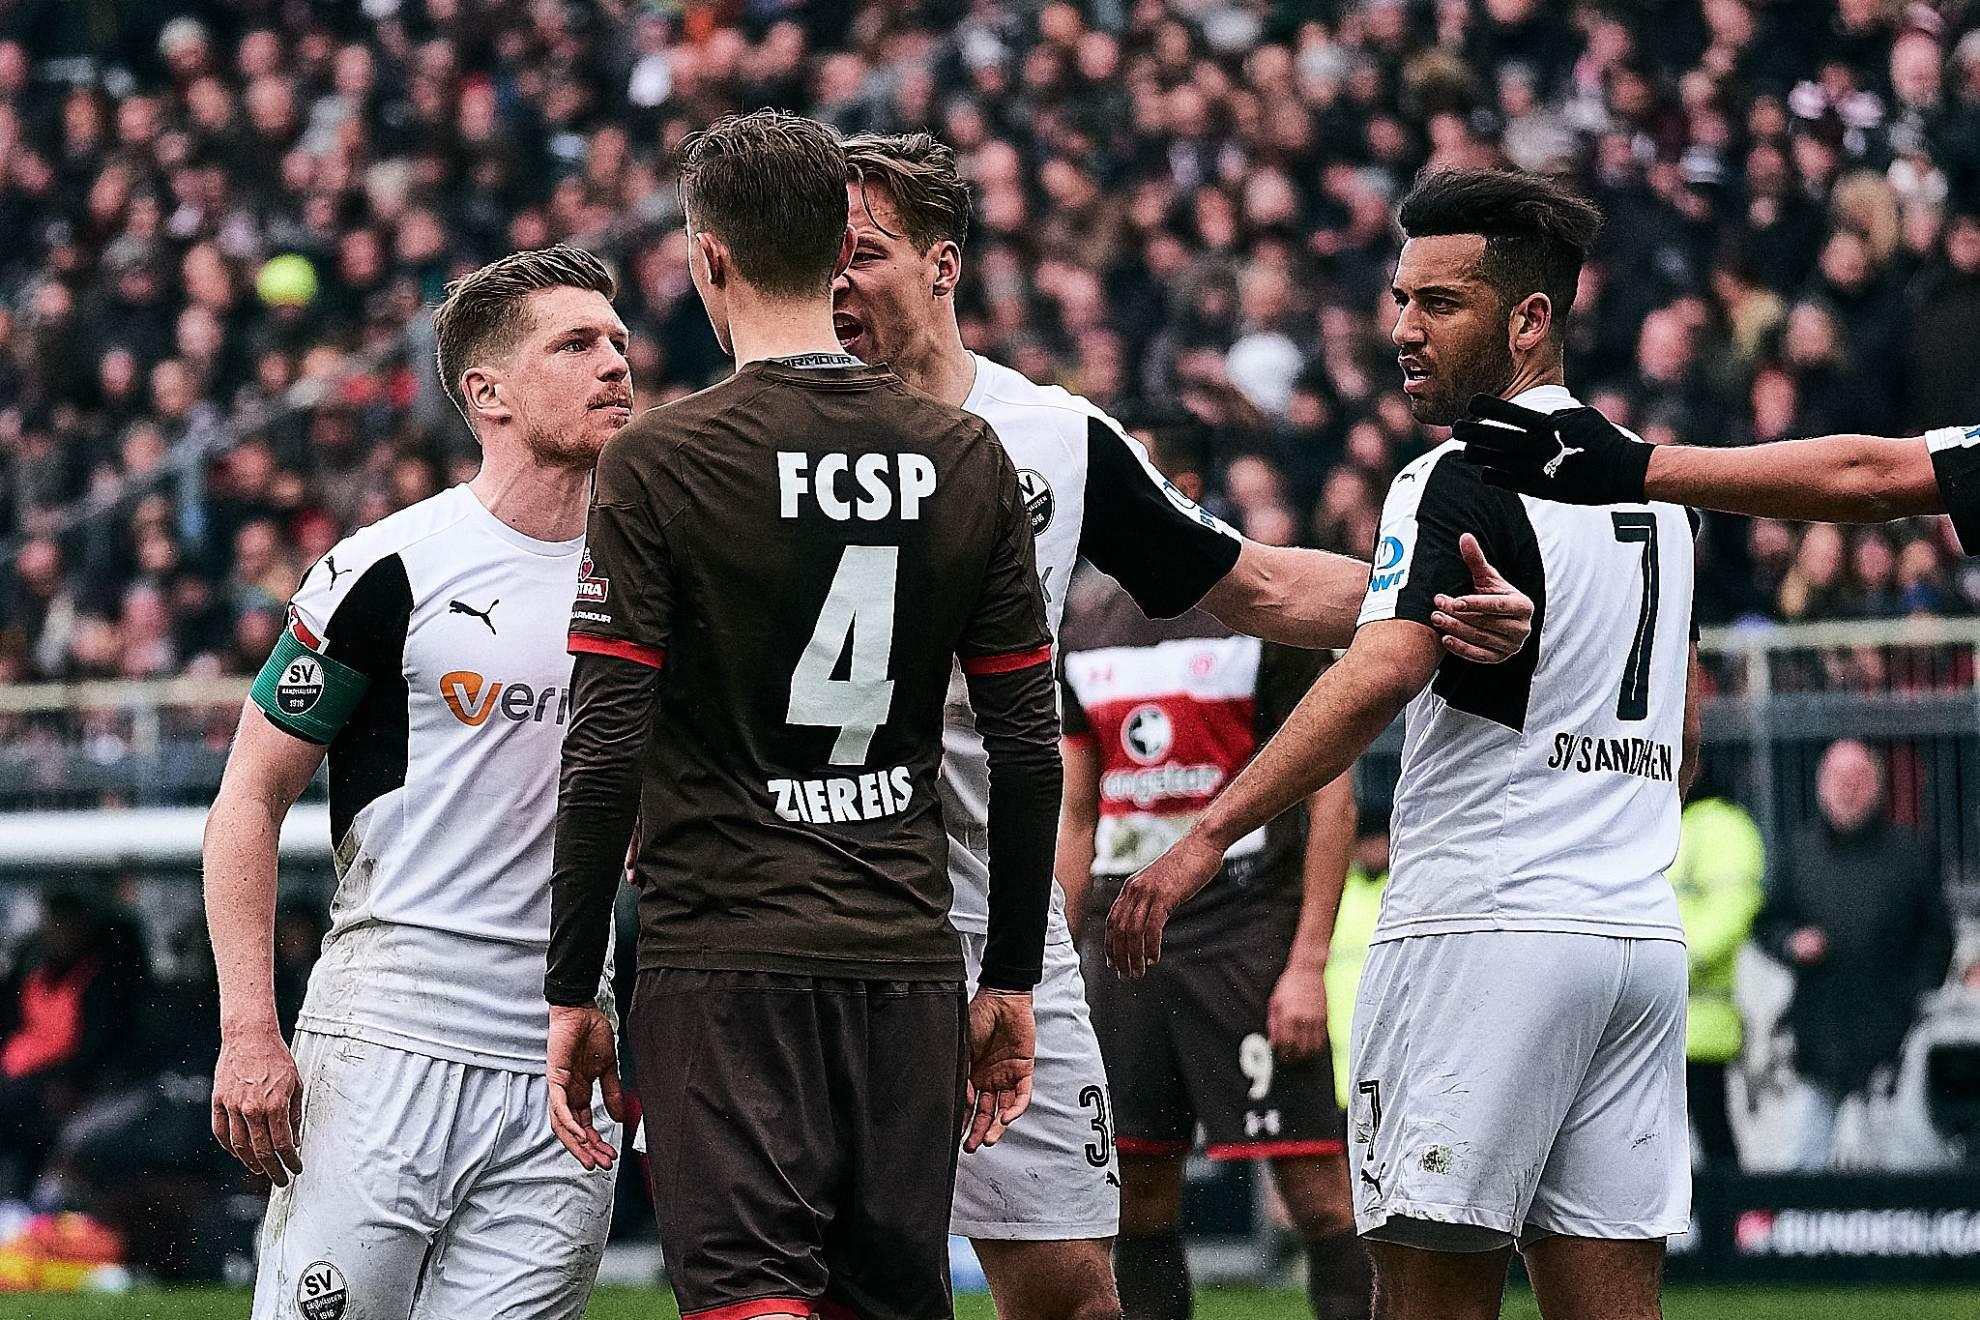 Vor dem Spiel – SV Sandhausen (H) – Spieltag 9 – Saison 2018/19